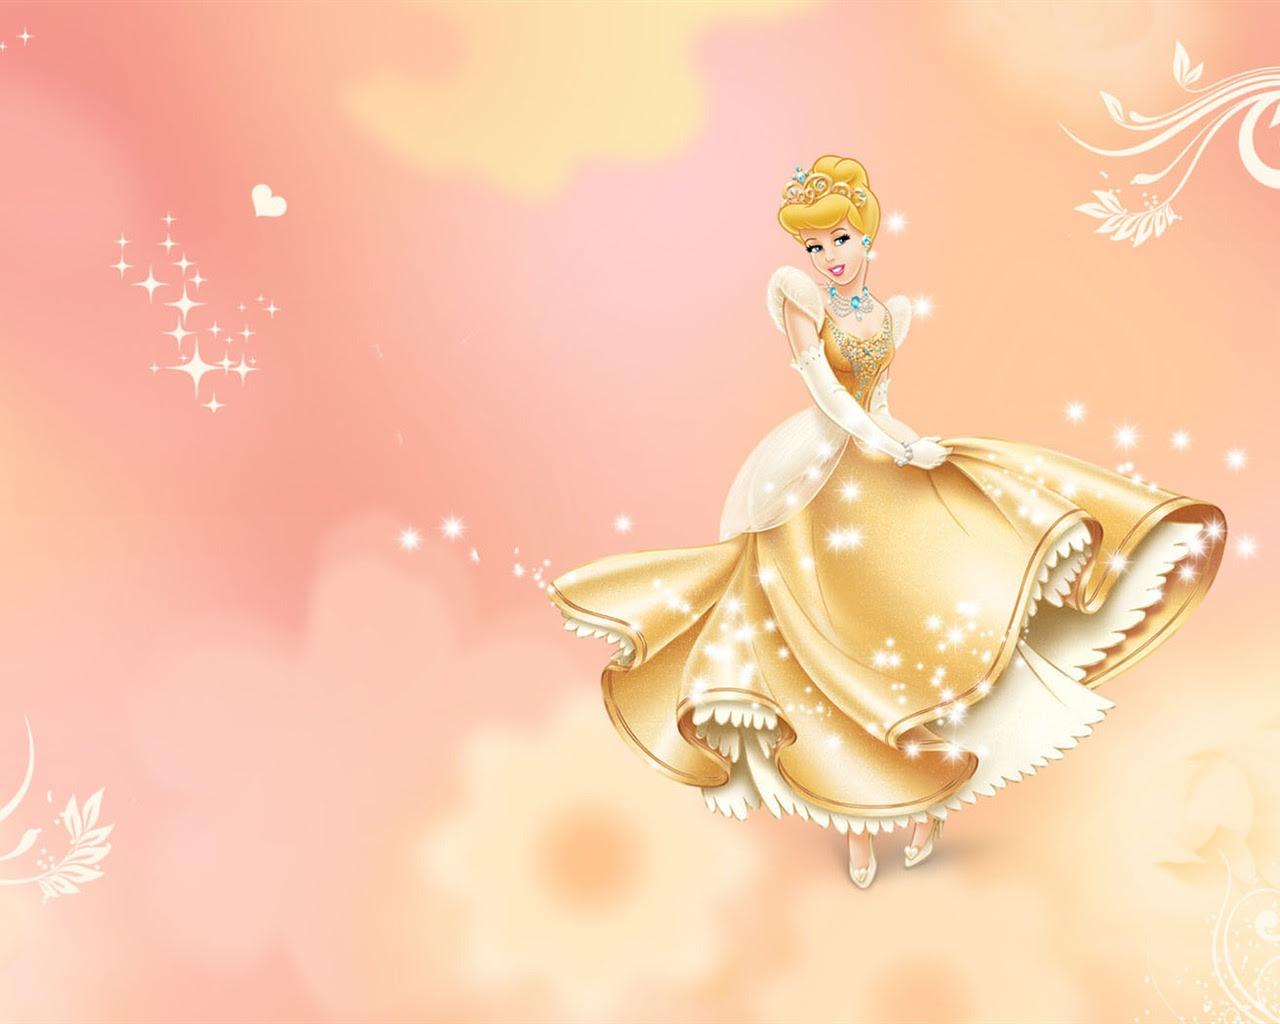 プリンセスディズニーアニメの壁紙 4 5 1280x1024 壁紙